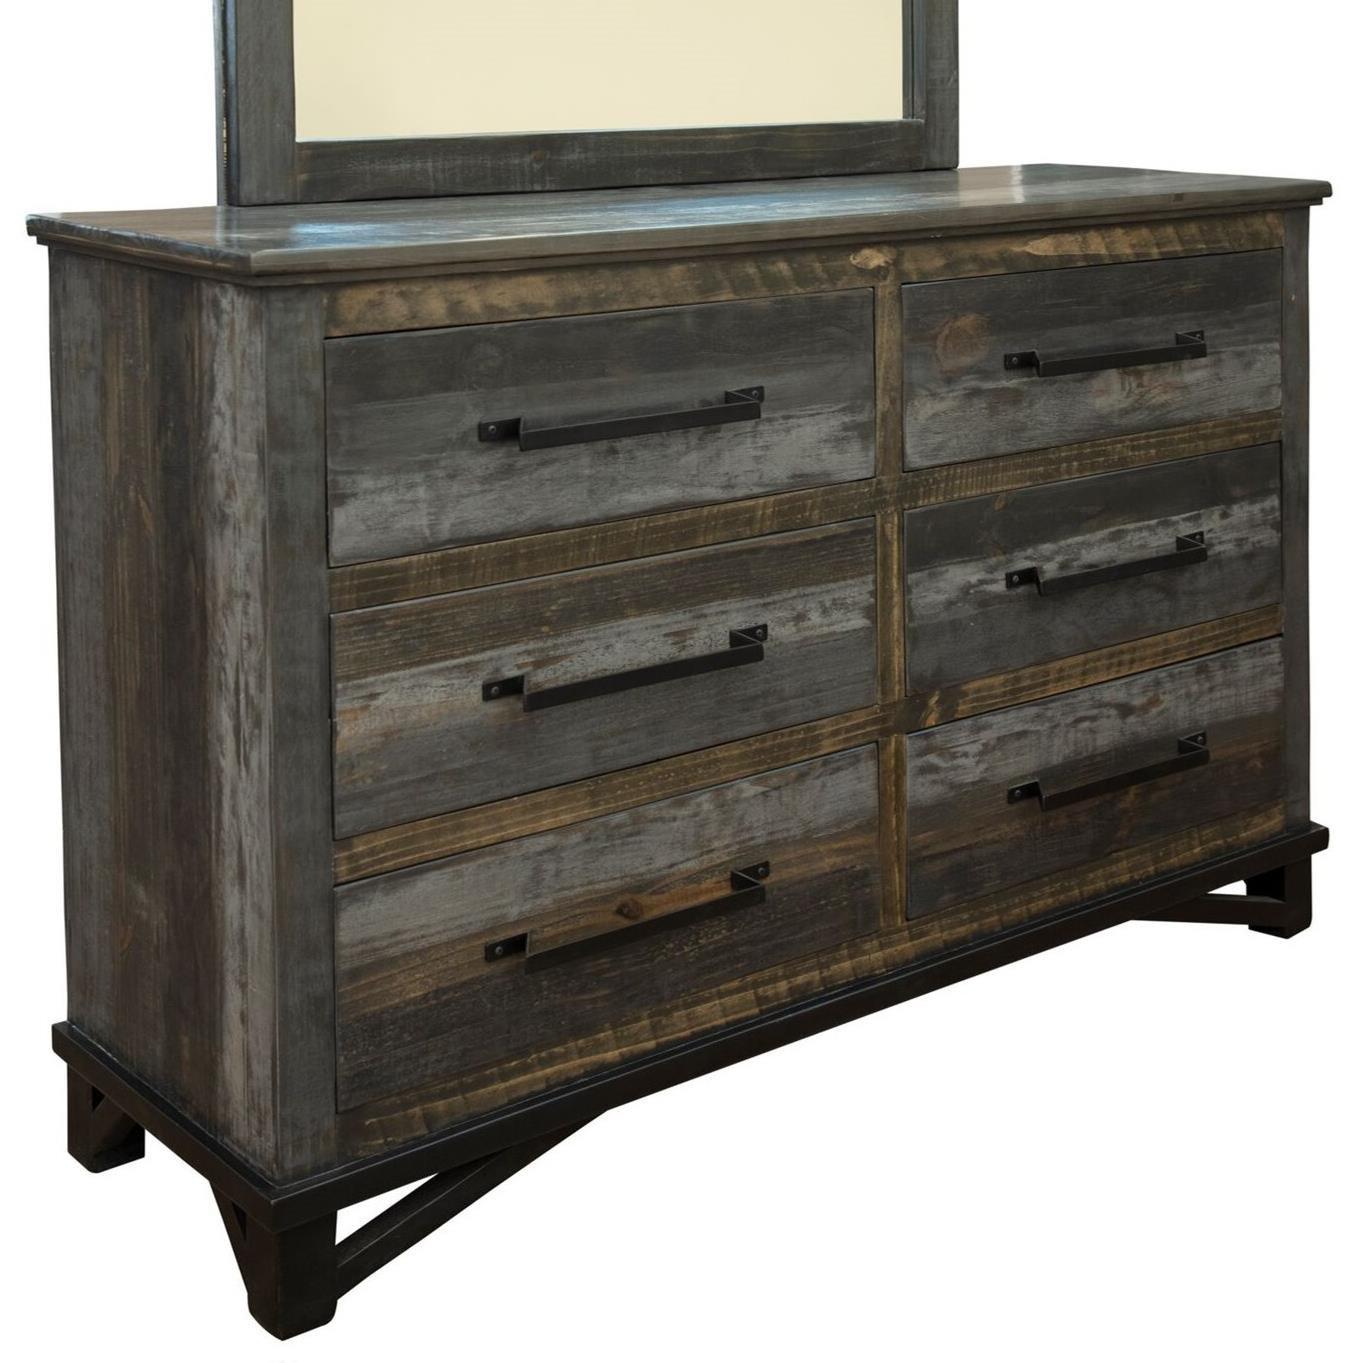 Loft 6 Drawer Dresser by International Furniture Direct at Darvin Furniture